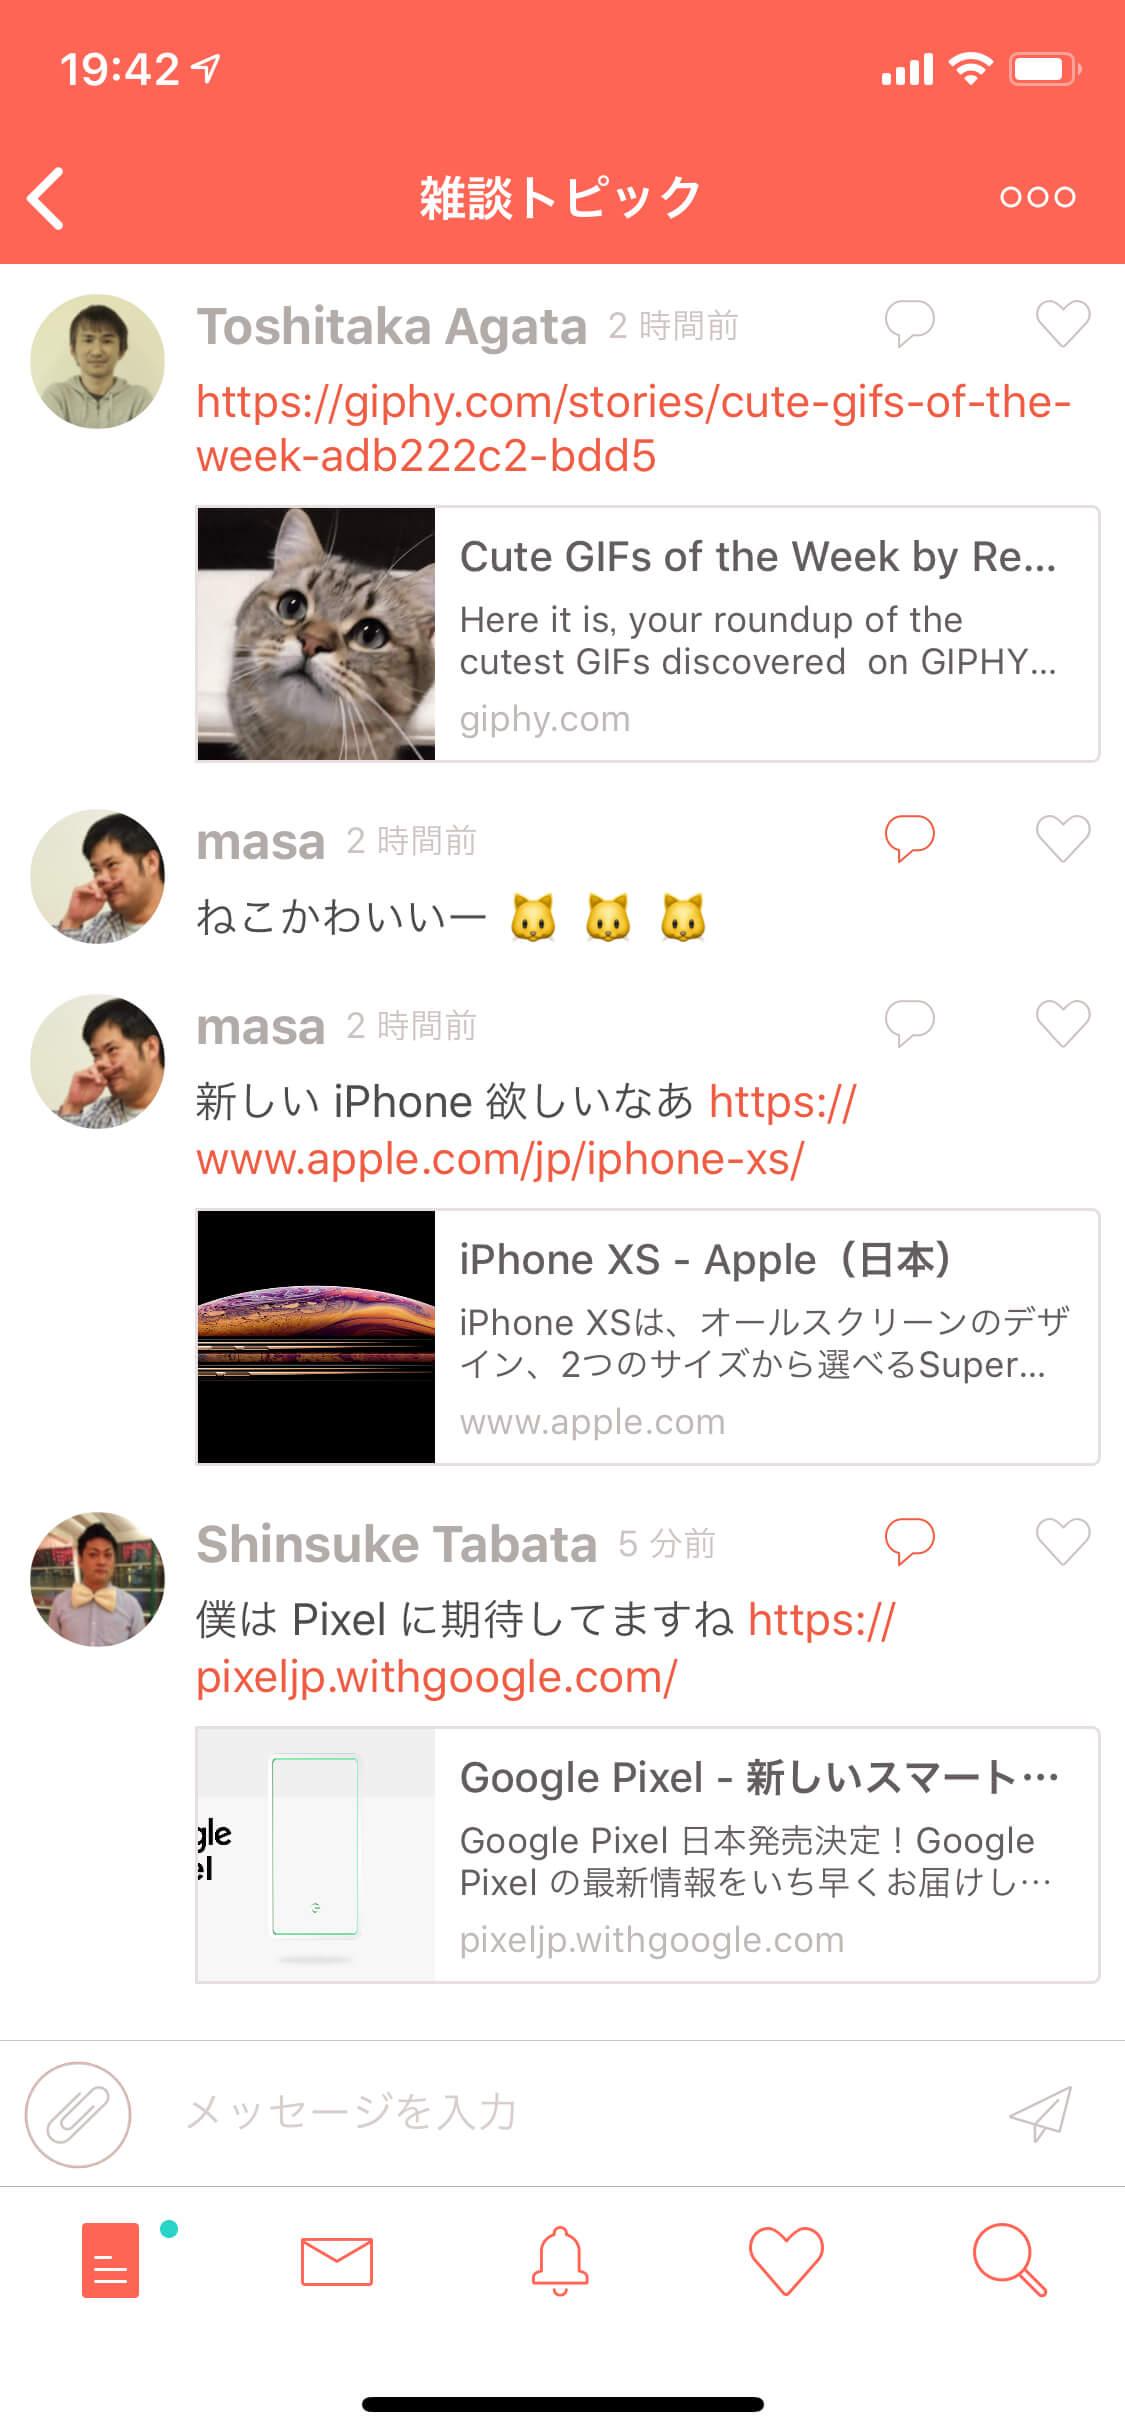 記事のOGPや画像リンクのプレビュー表示